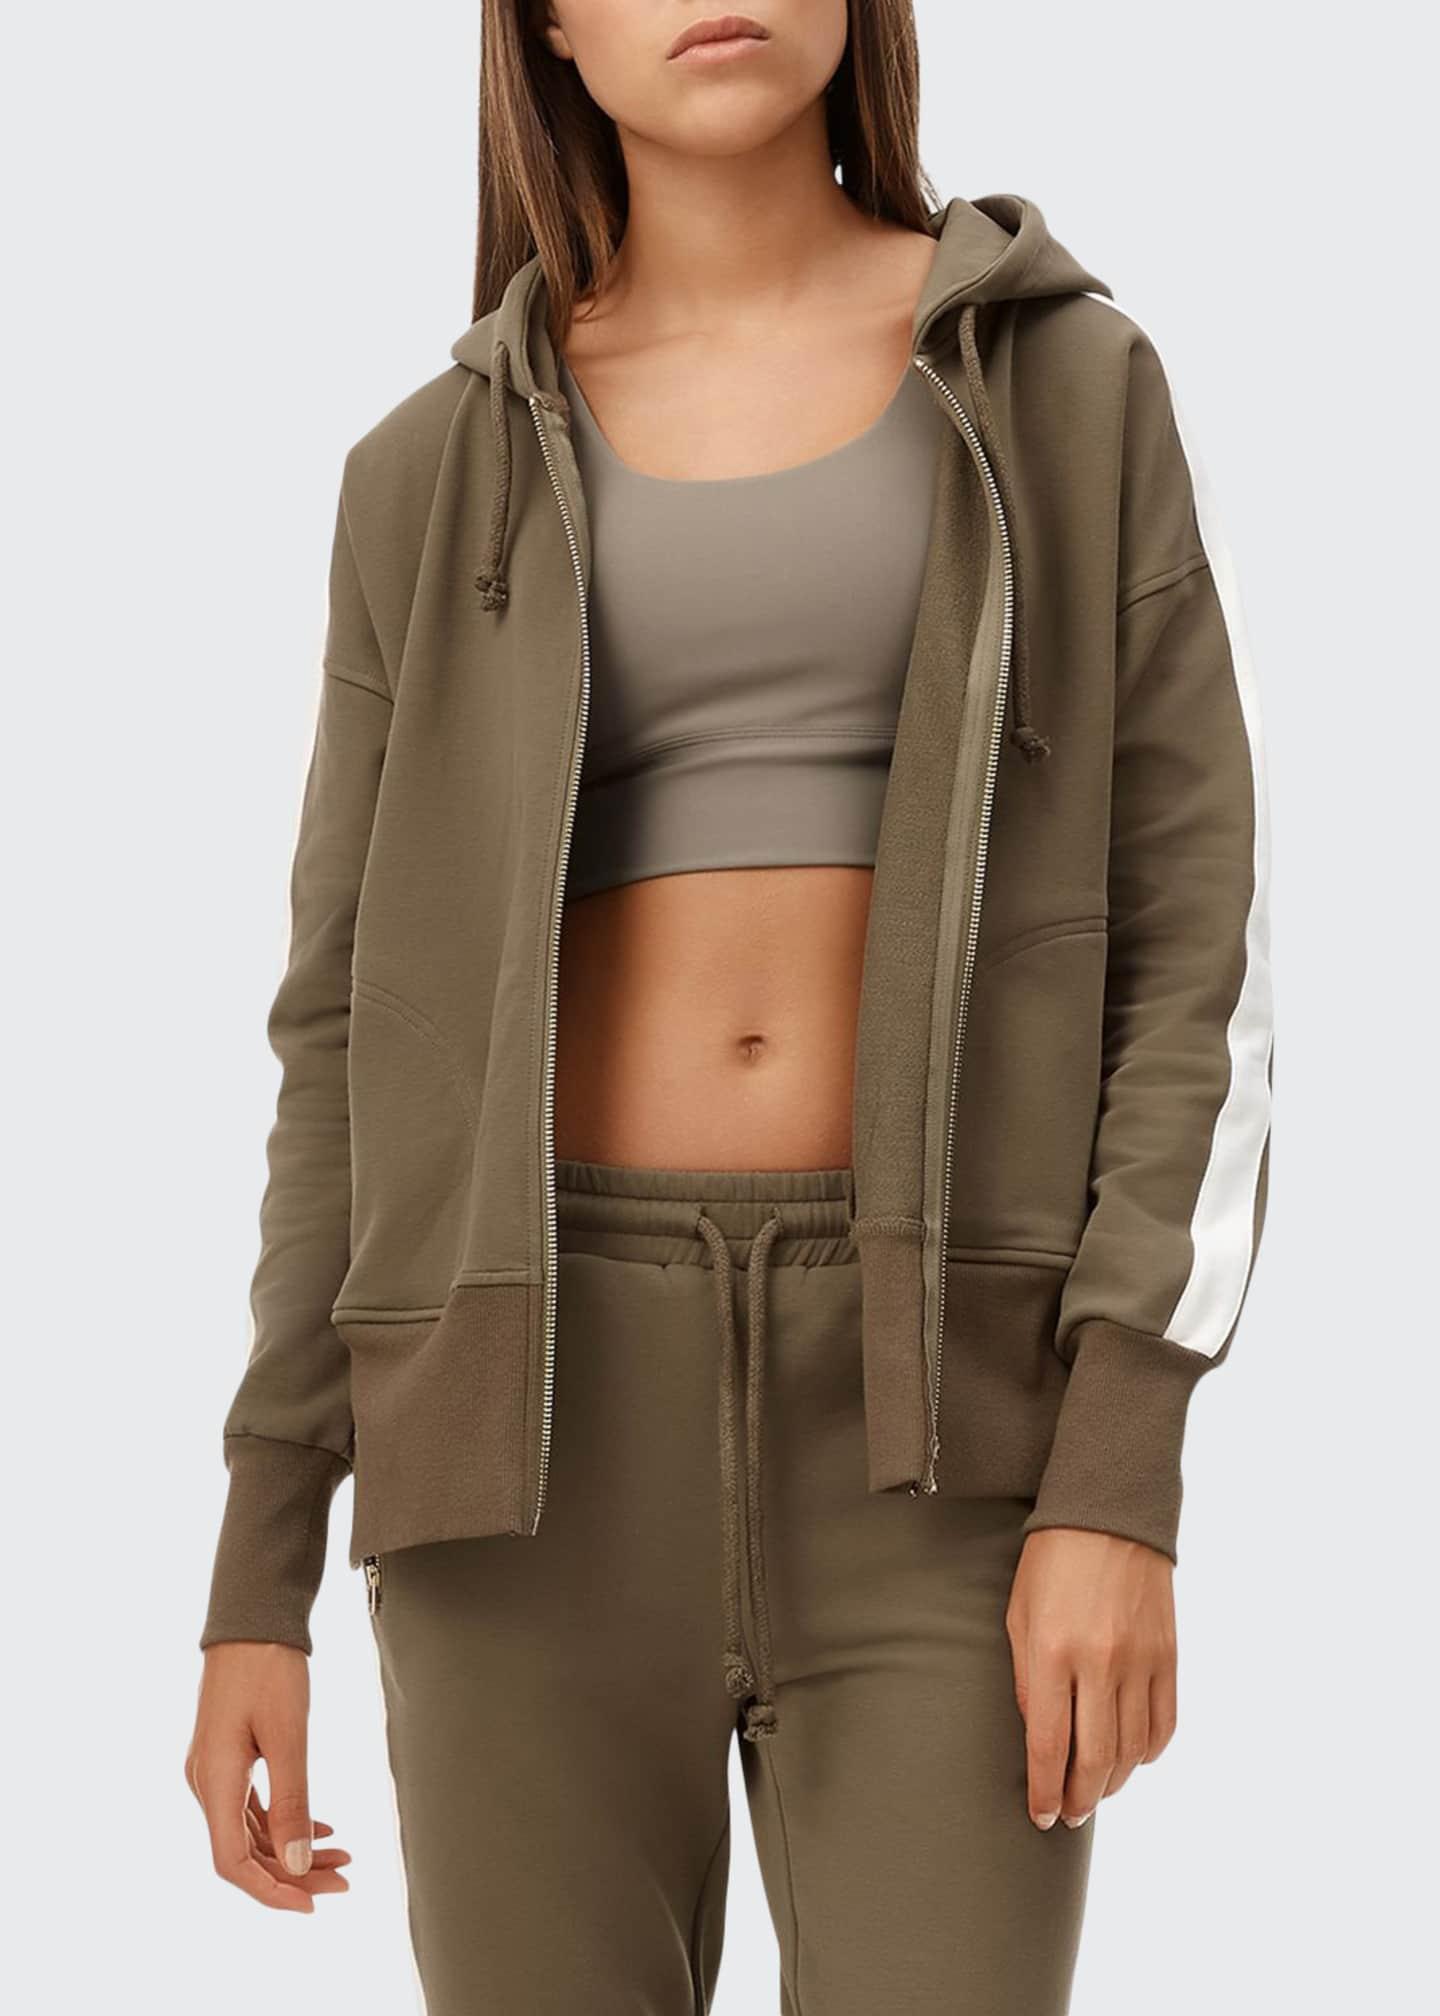 All Fenix Jade Hooded Sweater